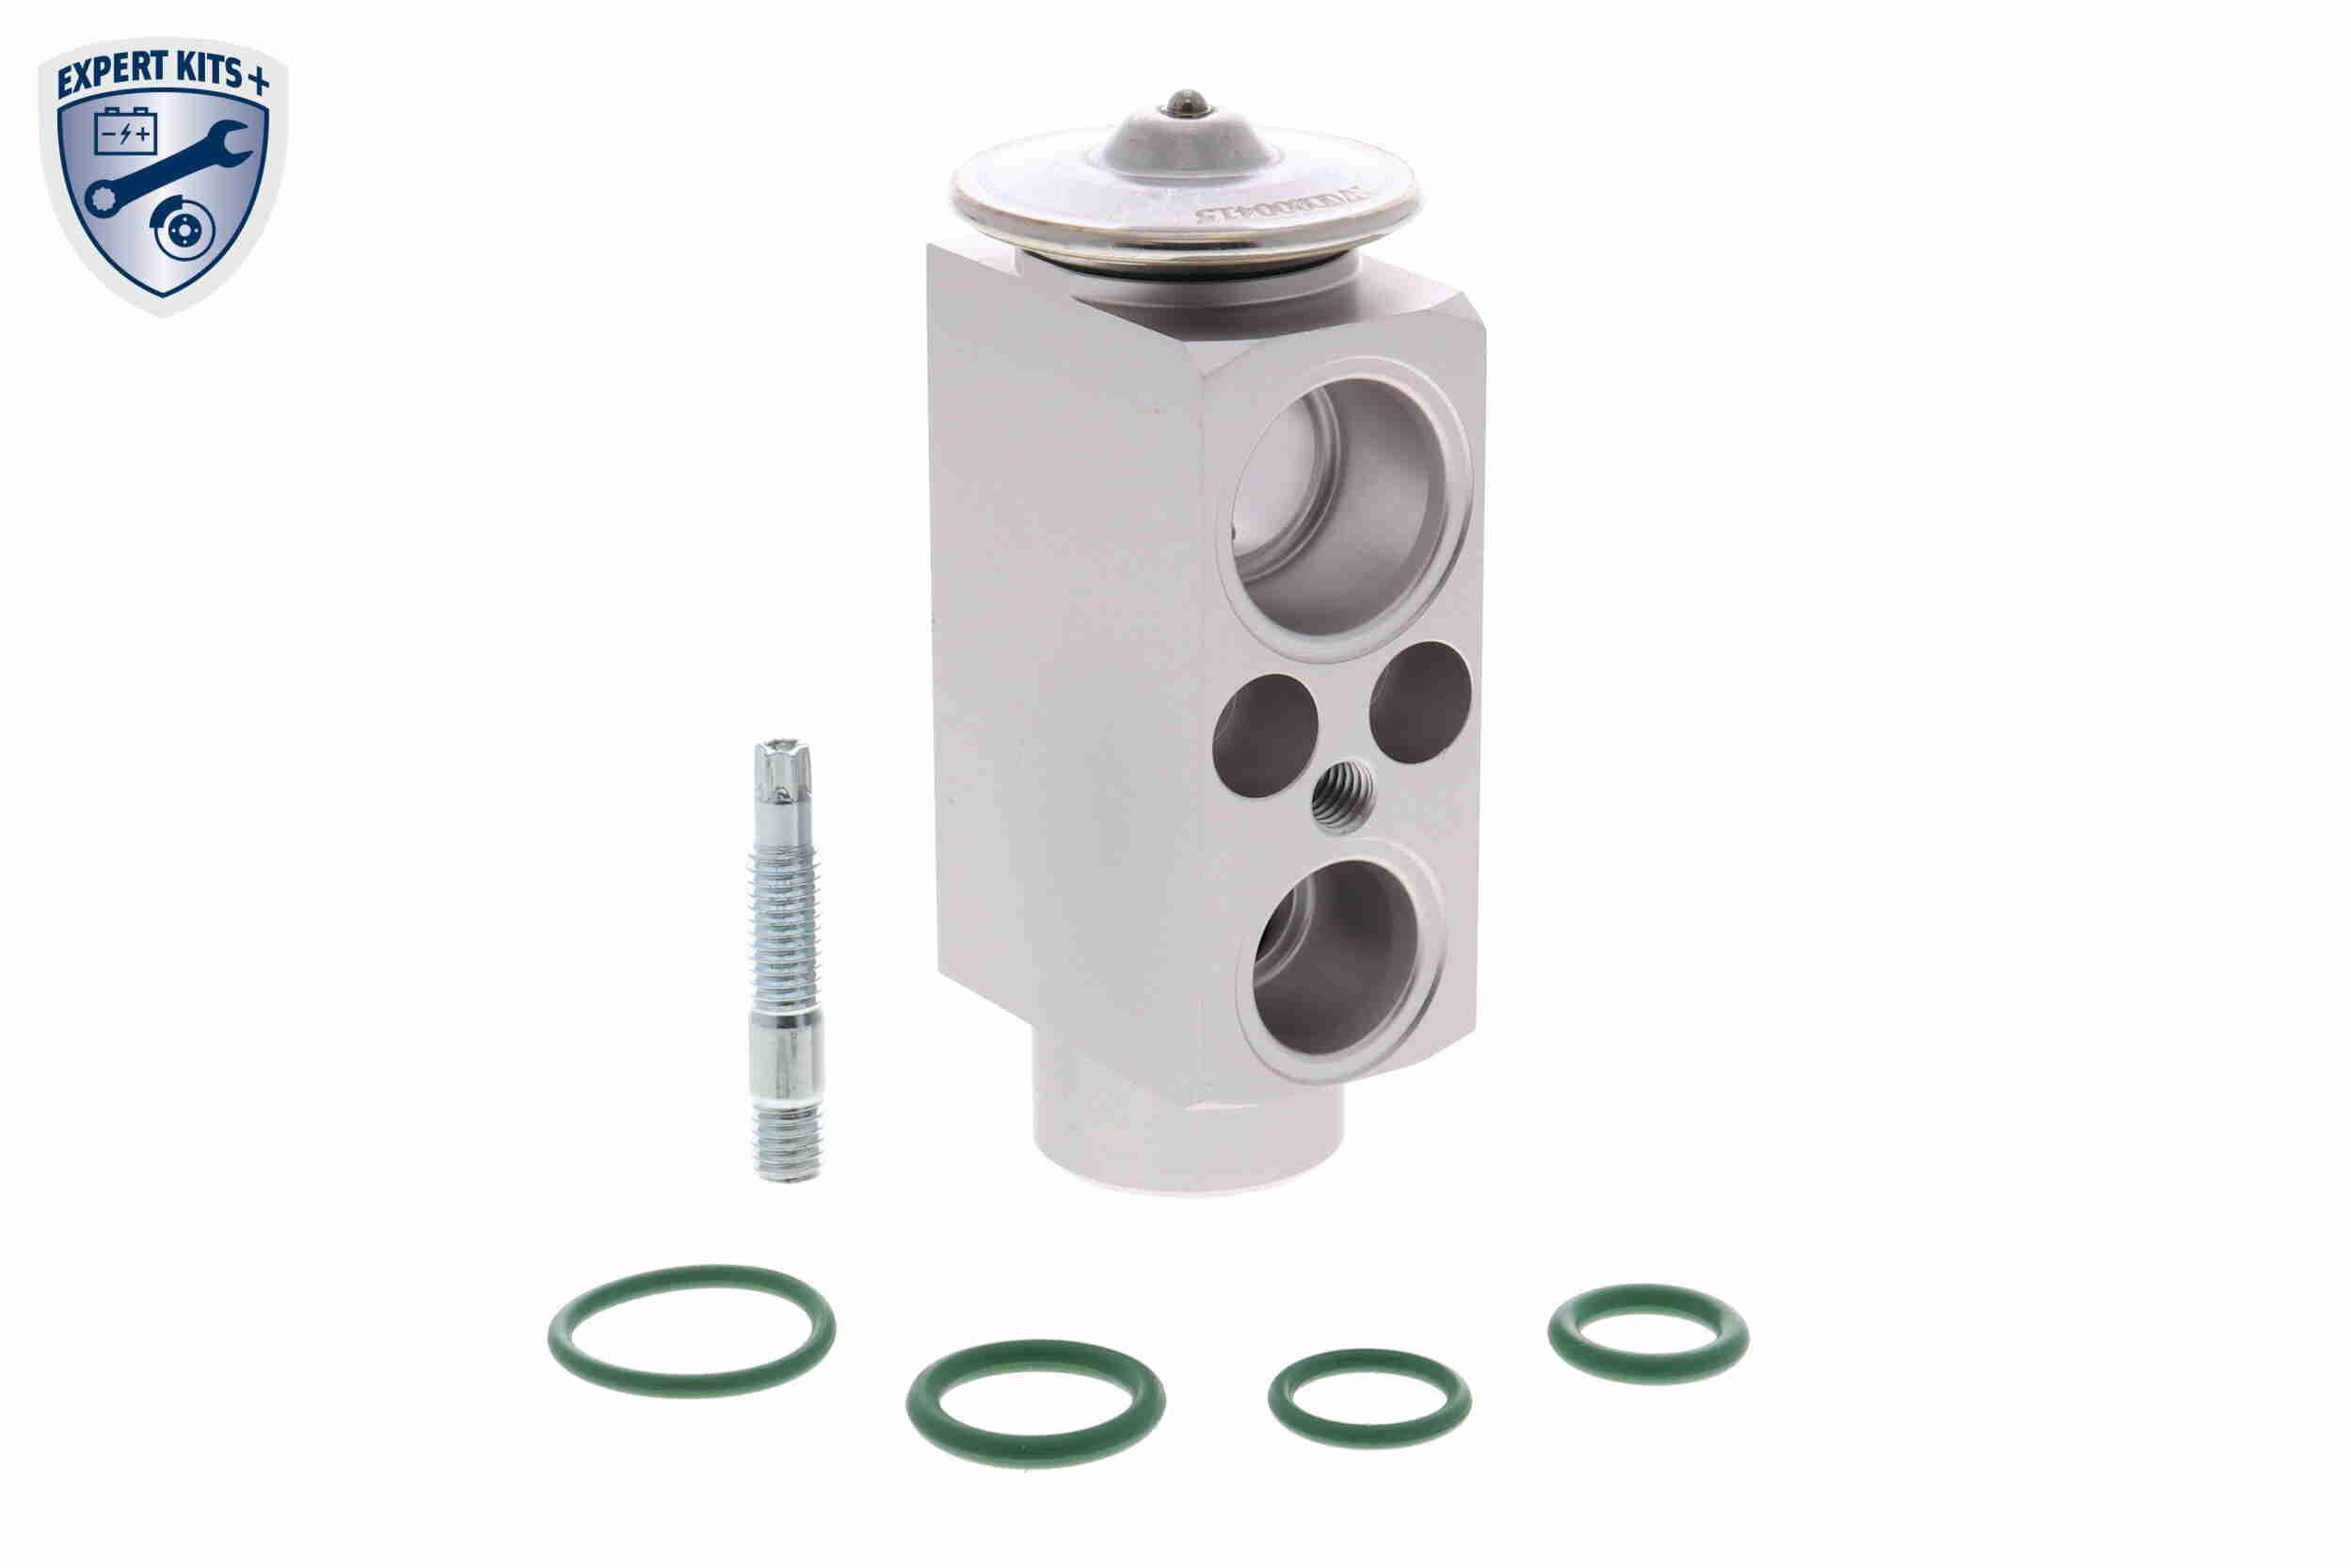 BMW 5er 2021 Expansionsventil Klimaanlage - Original VEMO V20-77-0015